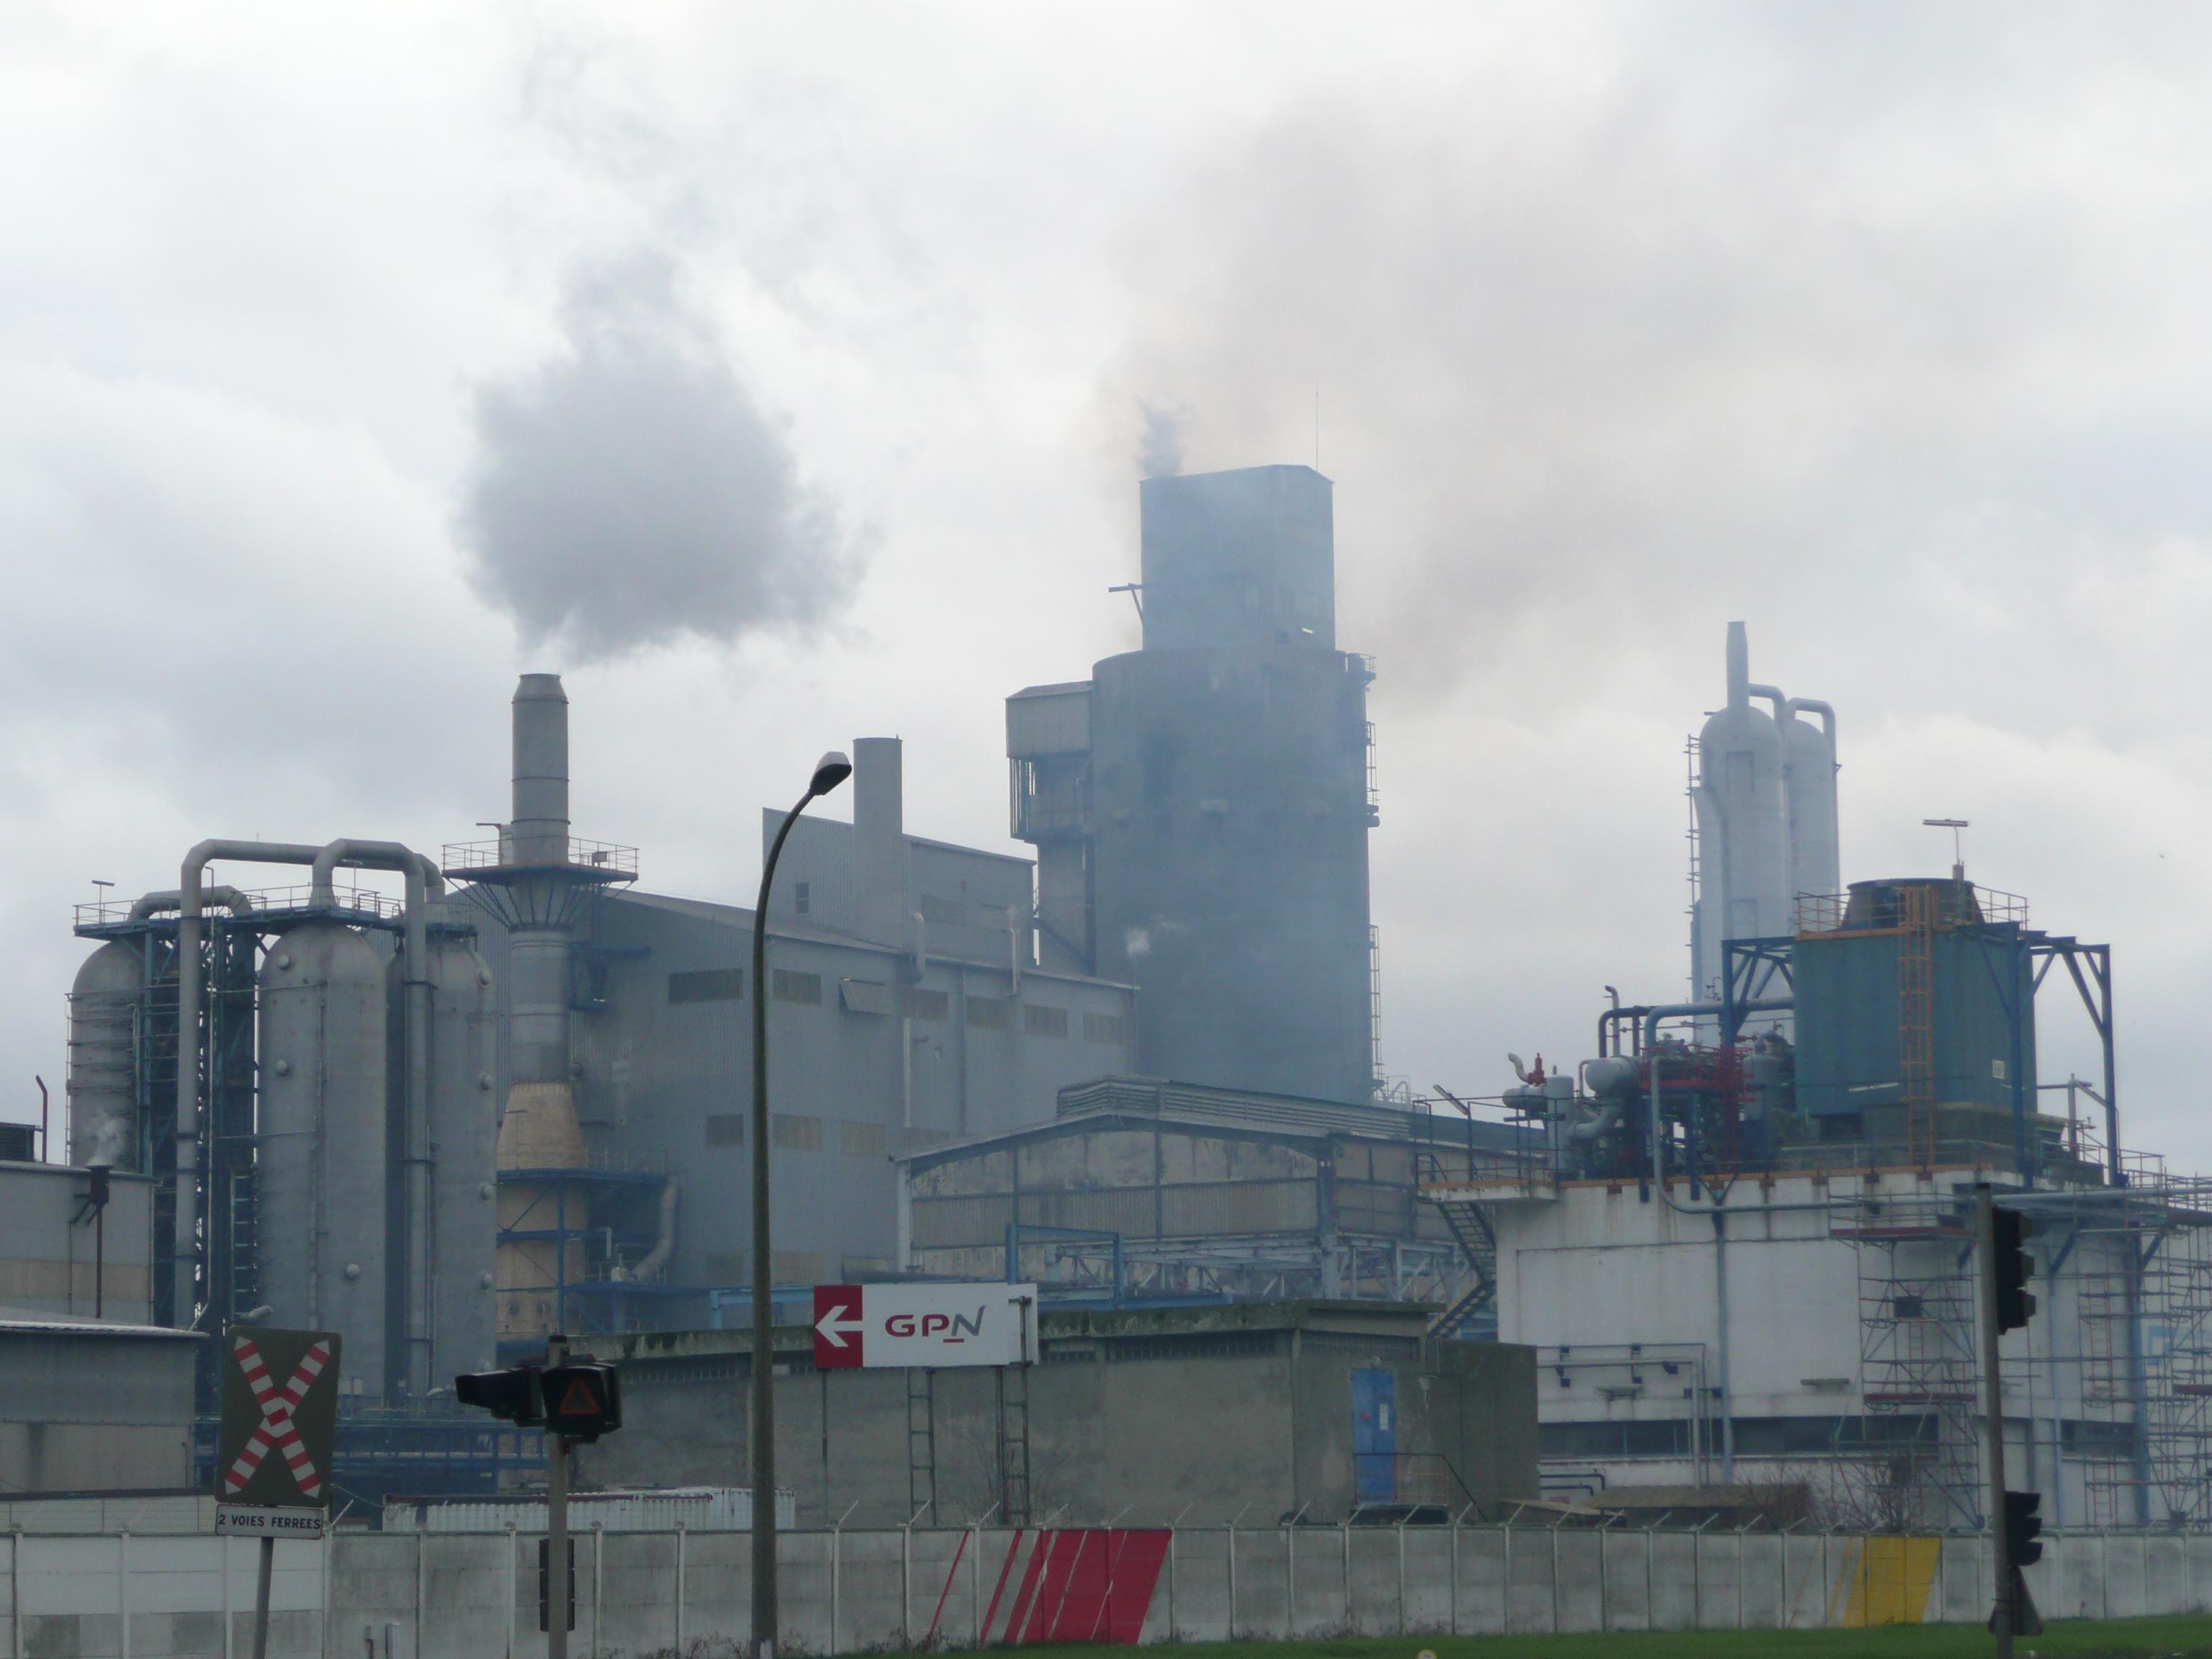 Les industriels sont invités à réduire leur activité les jours de pollution (Photo d'illustration @infoNormandie))